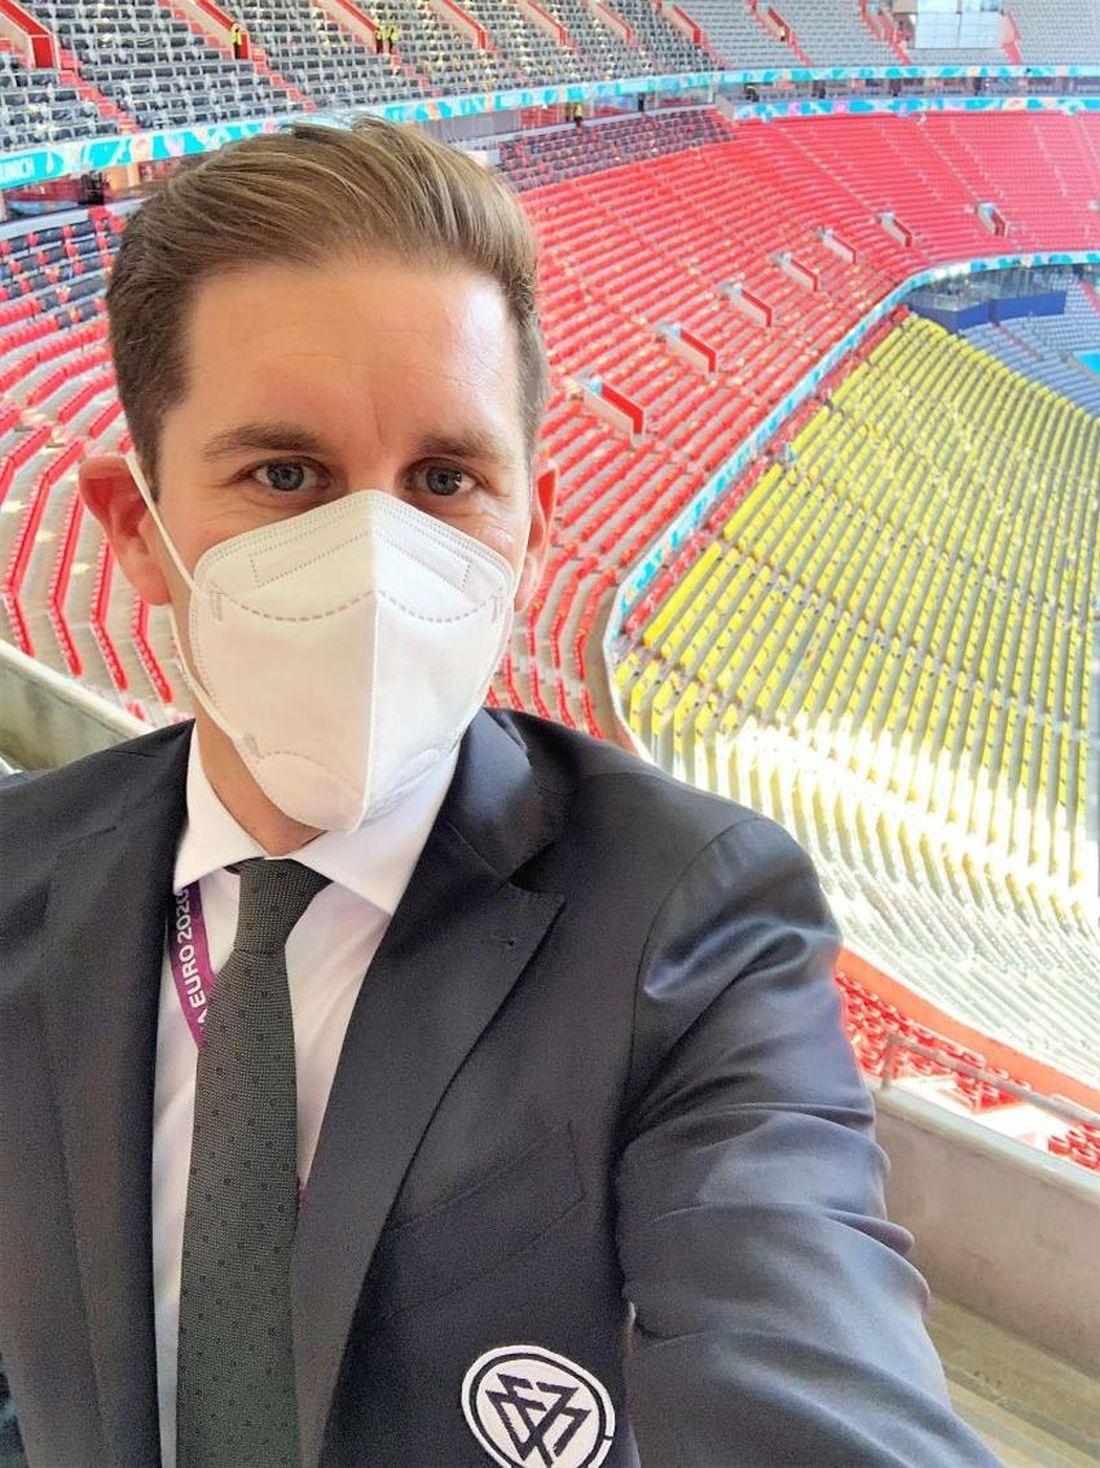 En haut des tribunes de l'Allianz Arena de Munich, en Juillet 2021... Tristan Delafosse a dû faire face aux nombreux problèmes d'organisation liés à la pandémie.